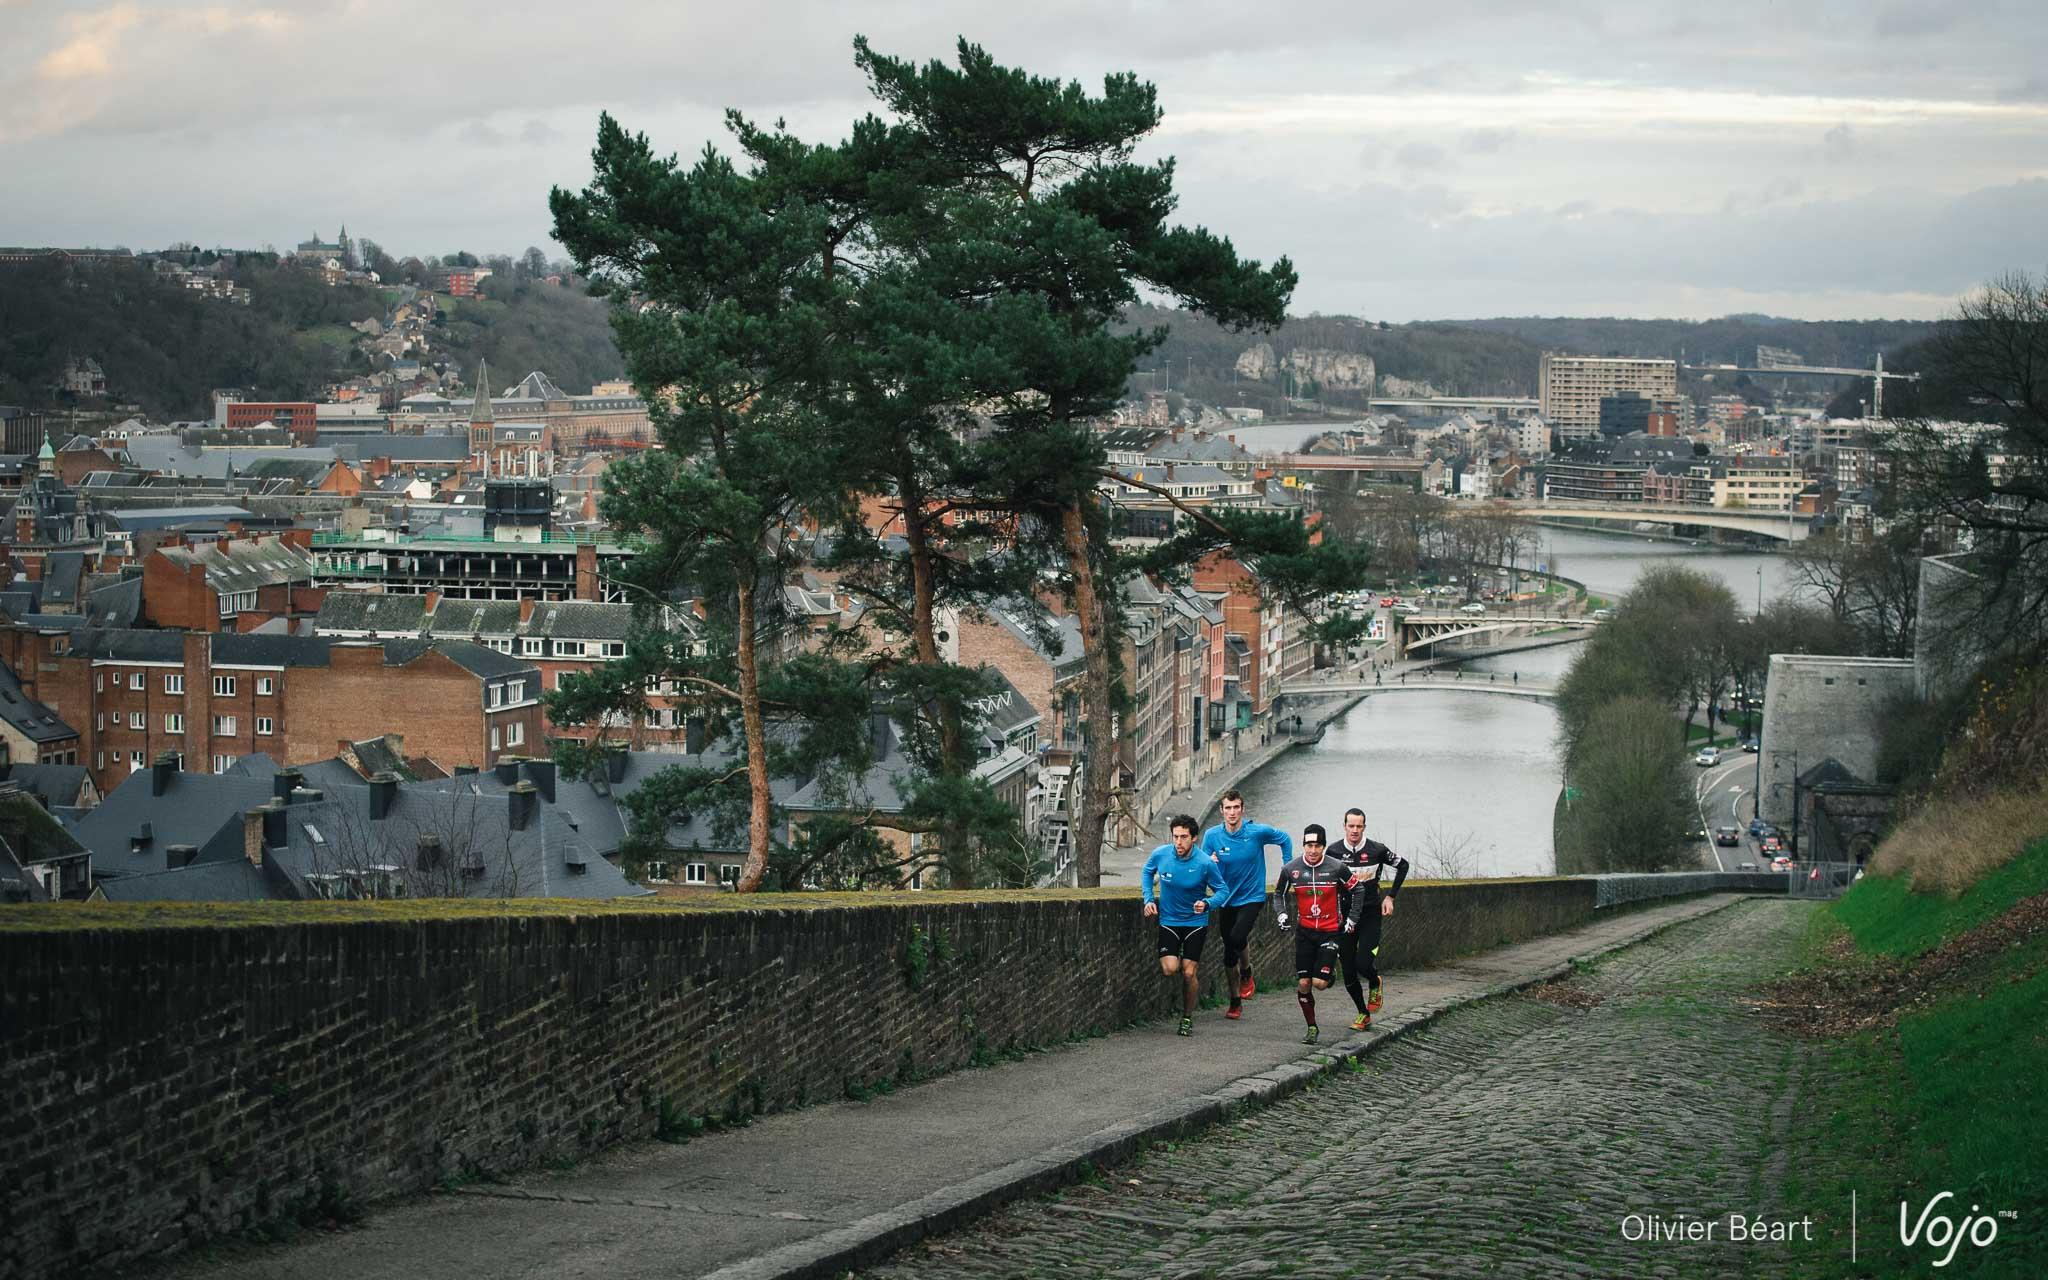 XTerra_Belgium_Namur_parcours_reconnaissance_Copyright_OBeart_VojoMag-44